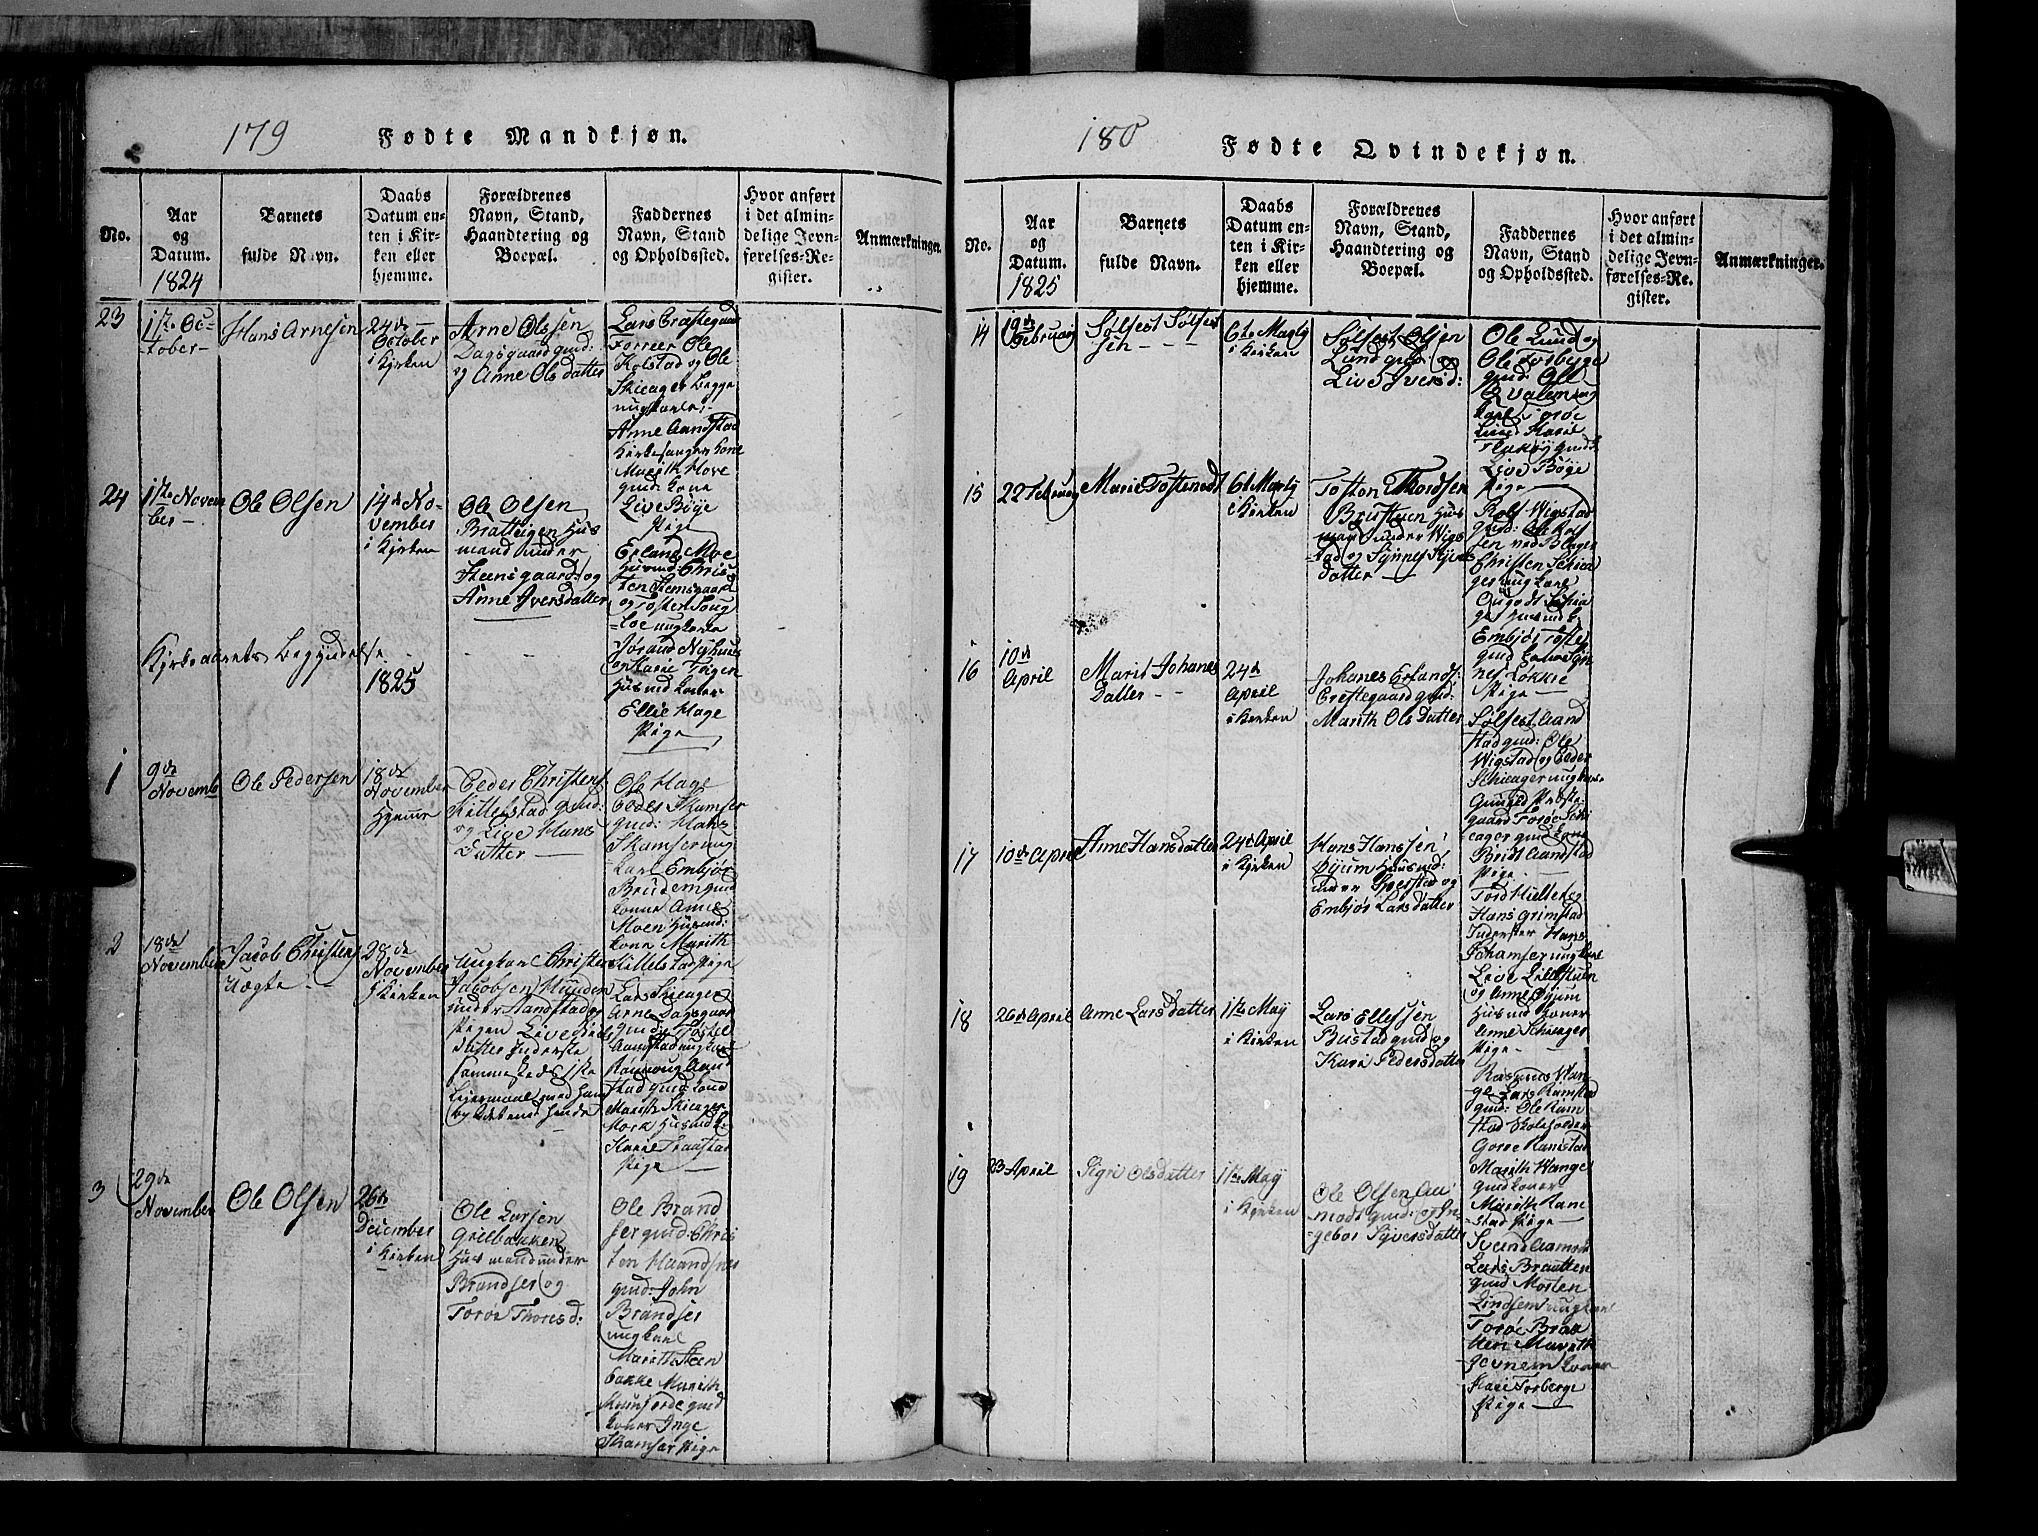 SAH, Lom prestekontor, L/L0003: Klokkerbok nr. 3, 1815-1844, s. 179-180